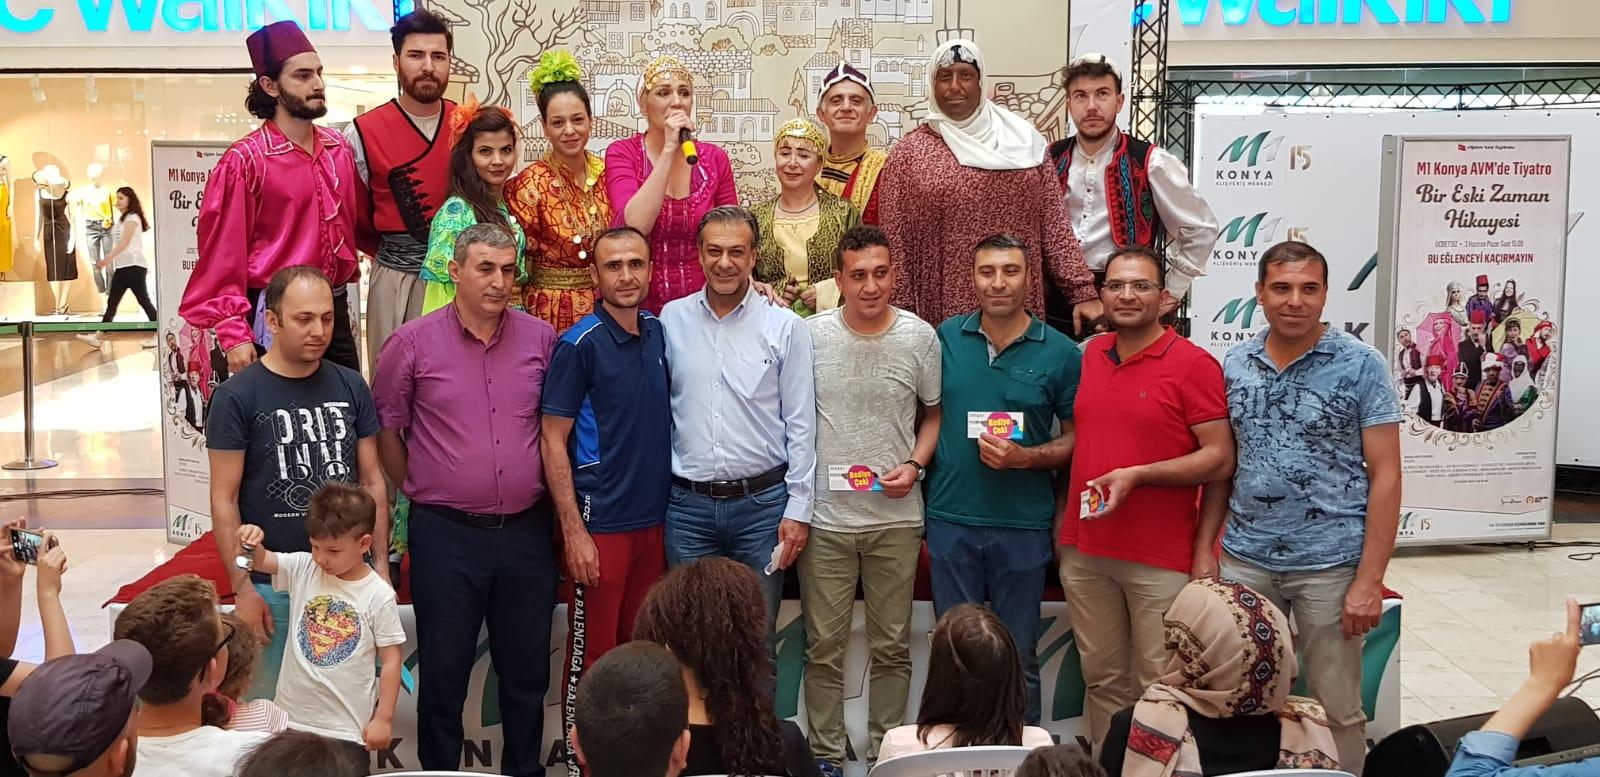 """""""Bir Eski Zaman Hikayesi"""" M1 Konya'da sahnelendi"""